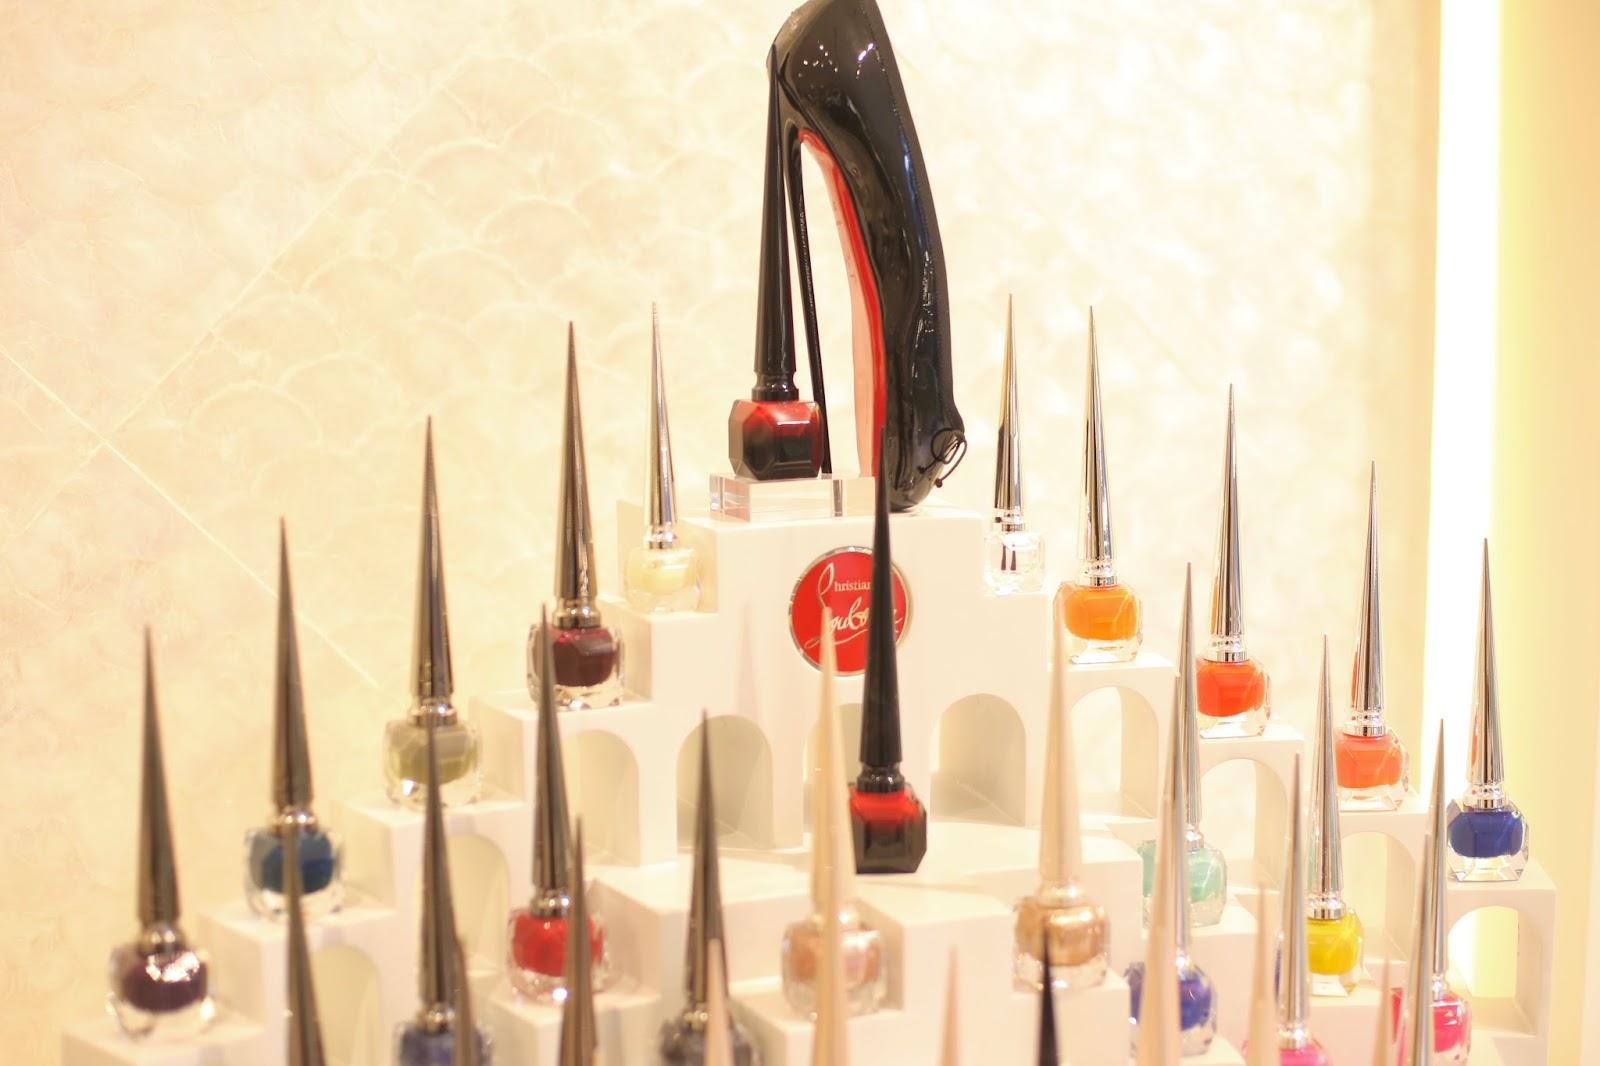 louboutin nail varnishes